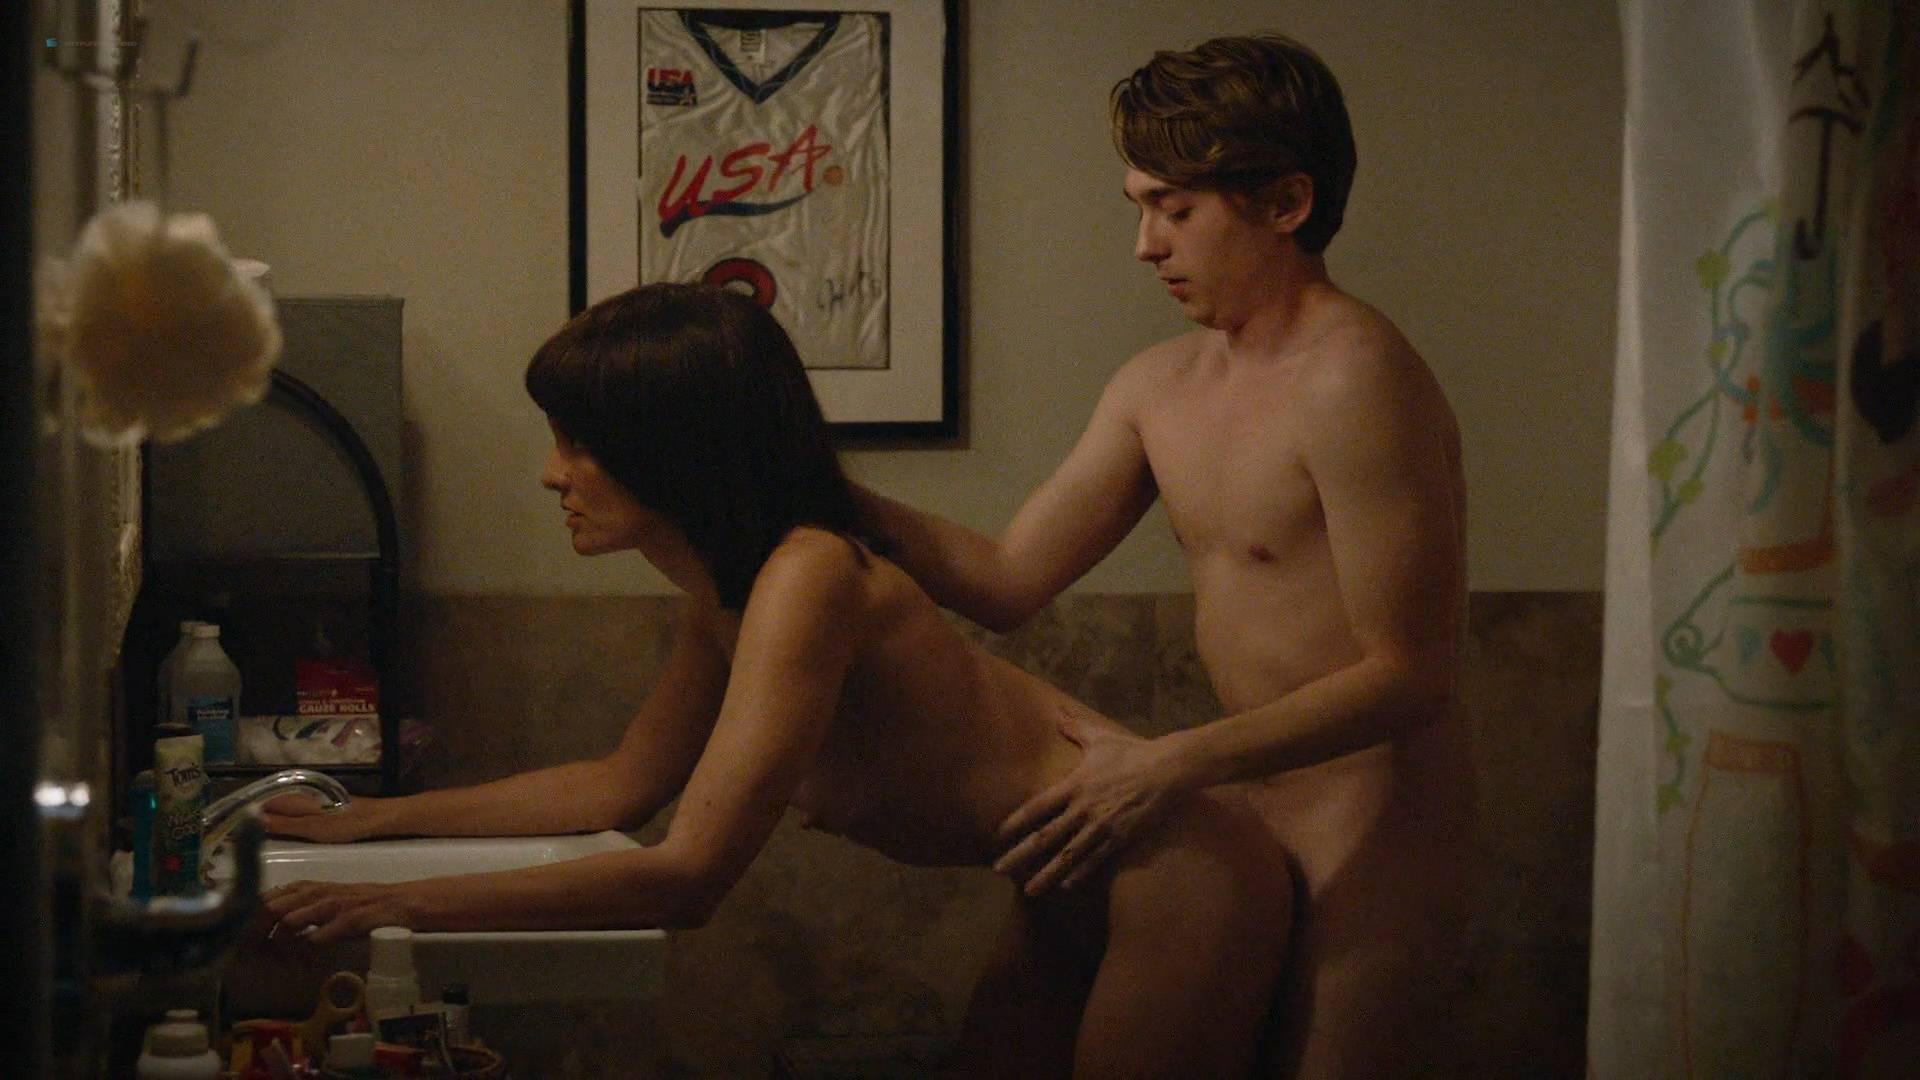 эротические инцест фильмы онлайн